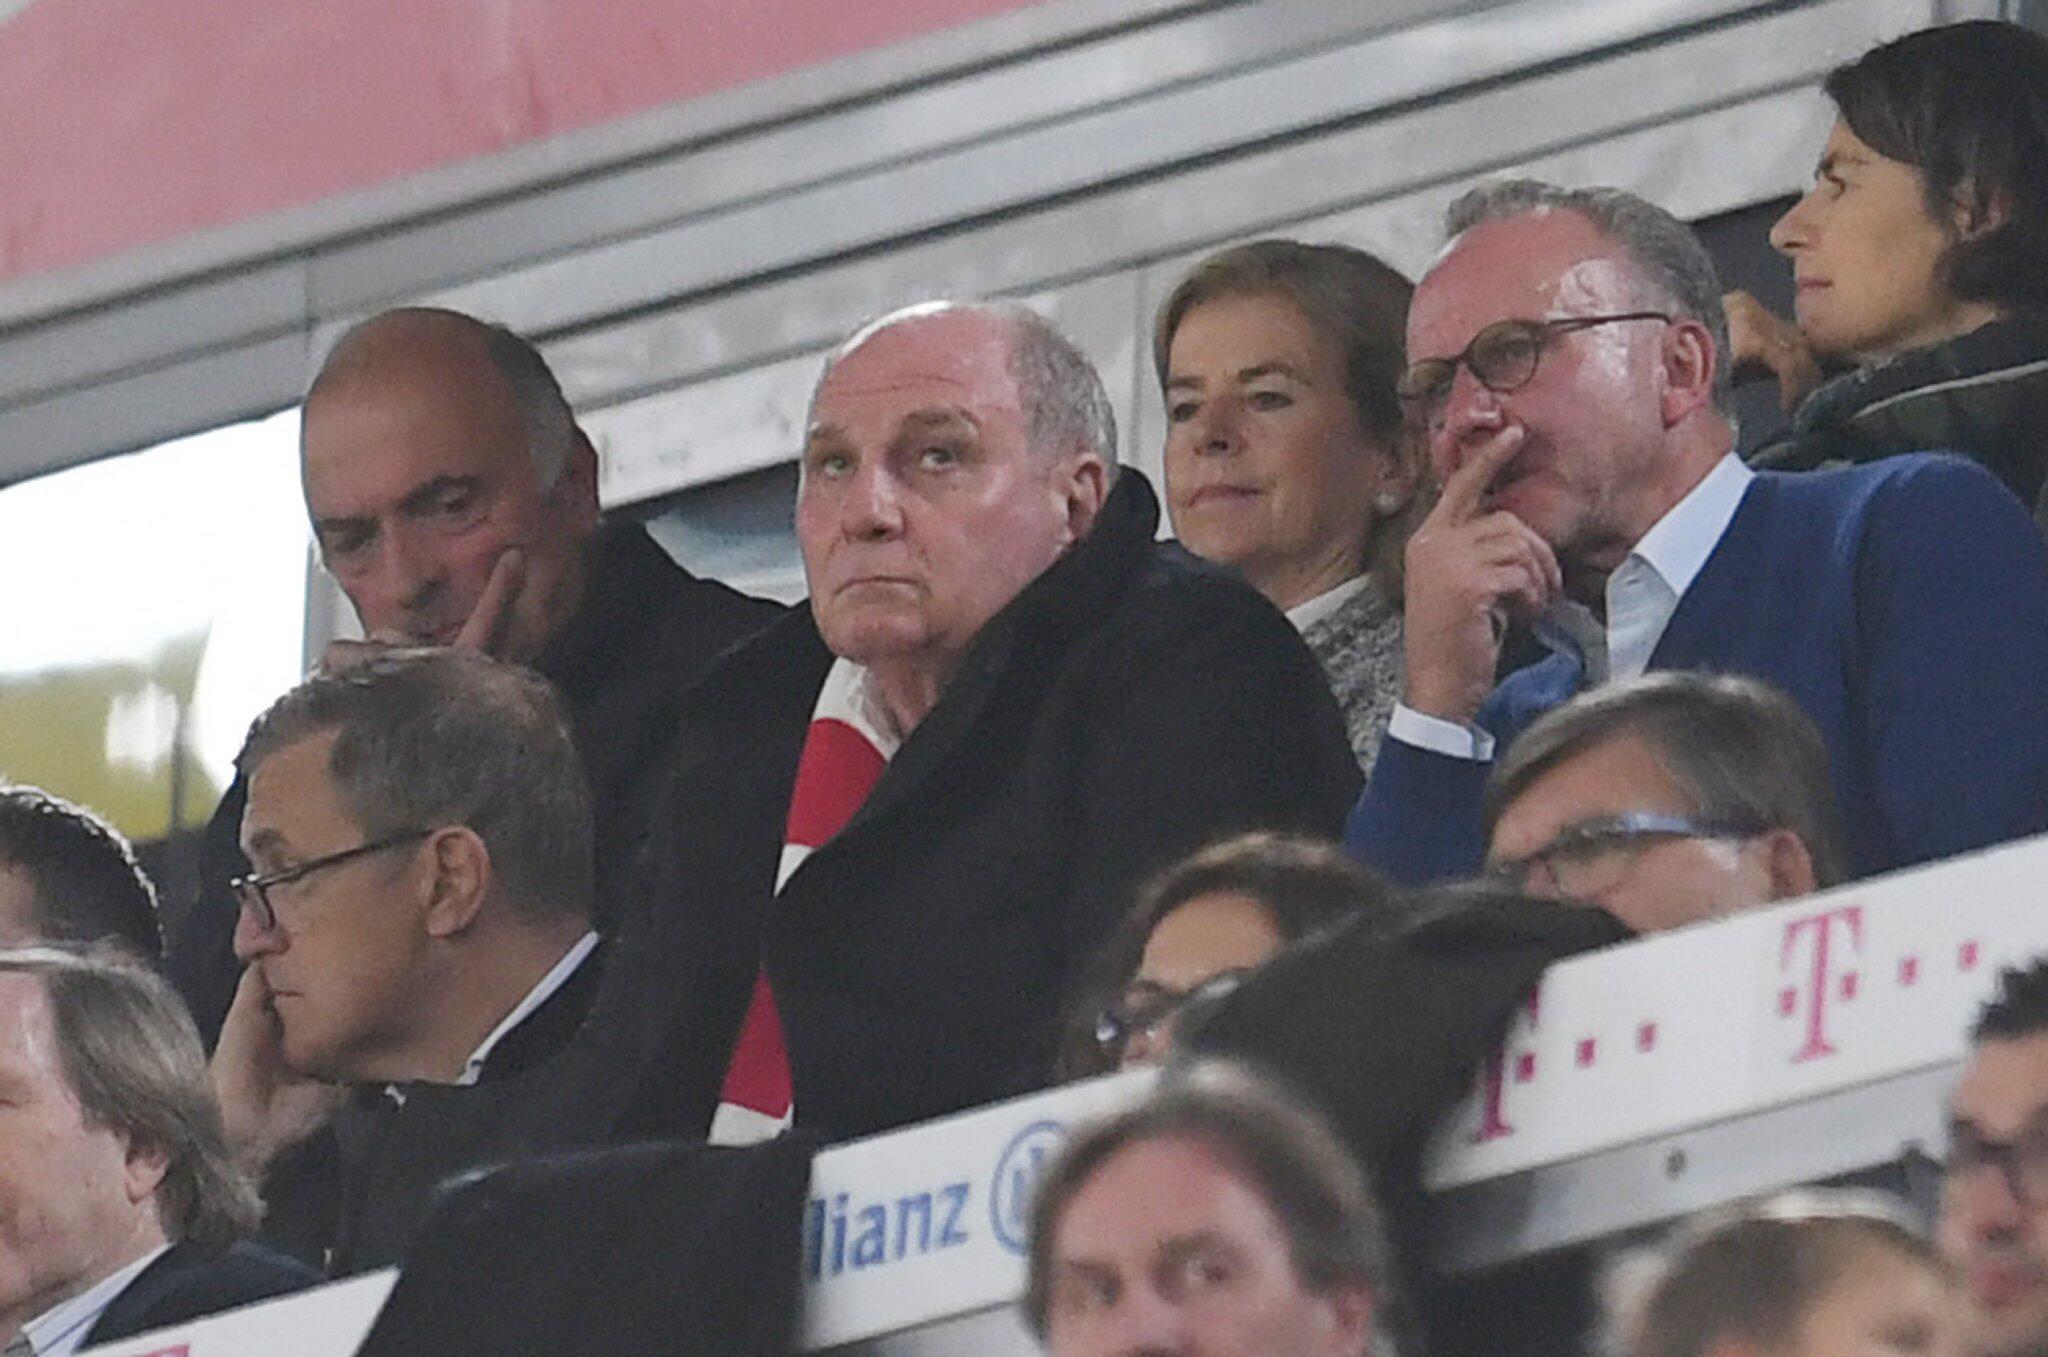 Bild zu Bundesliga, Bayern München - Borussia Mönchengladbach, Uli Hoeness, Karl-Heinz Rummenigge